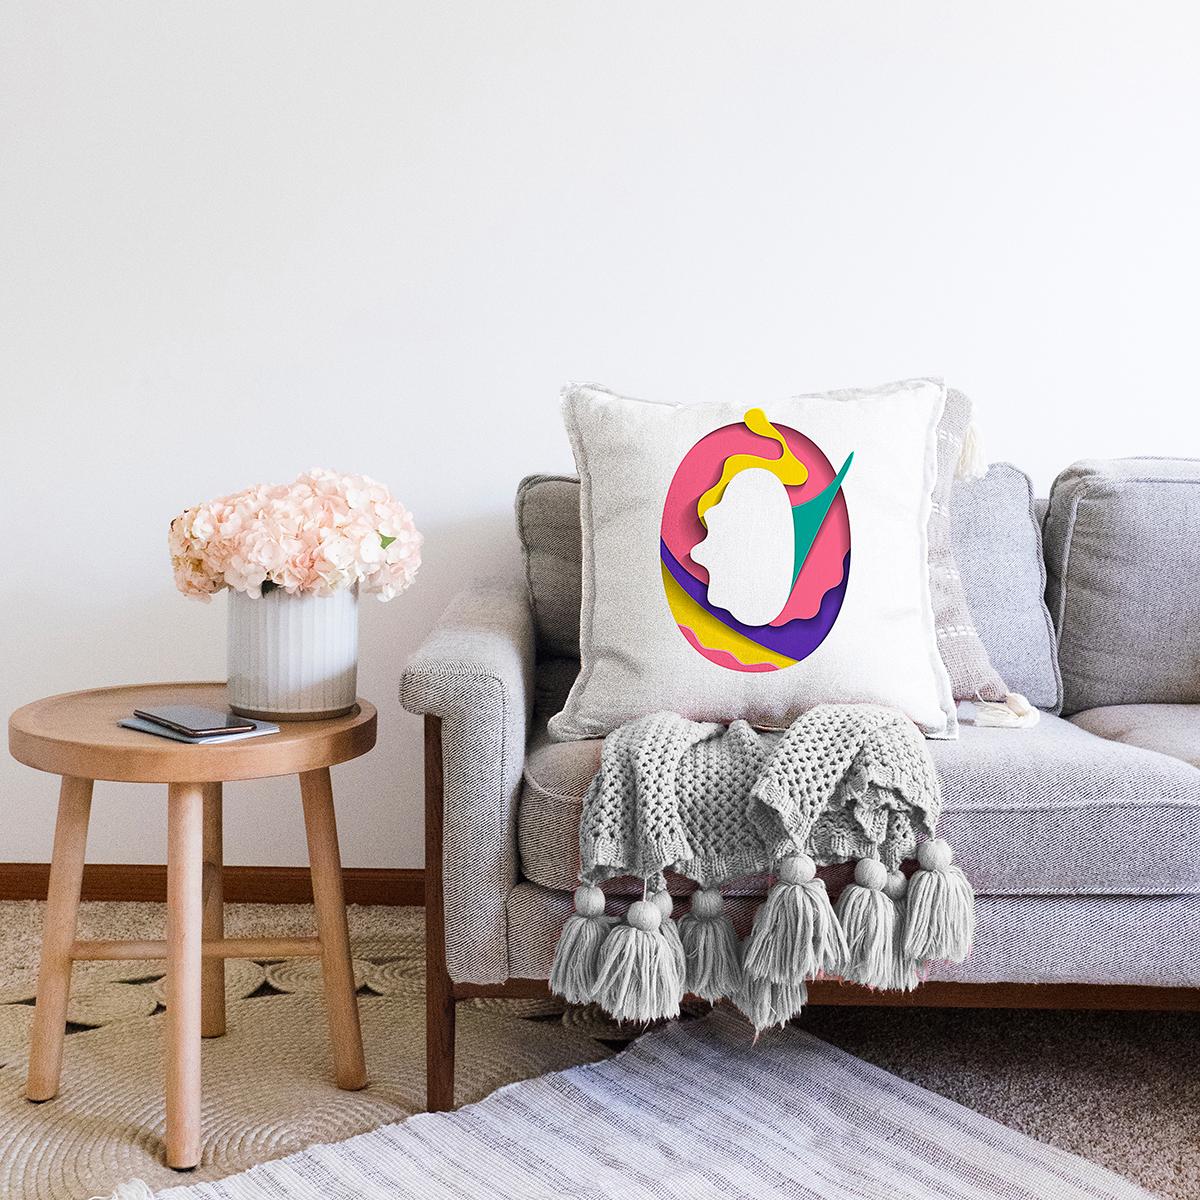 Beyaz Zemin Renkli 0 Rakamlı Özel Tasarım Dijital Baskılı Şönil Yastık Kırlent Kılıfı Realhomes